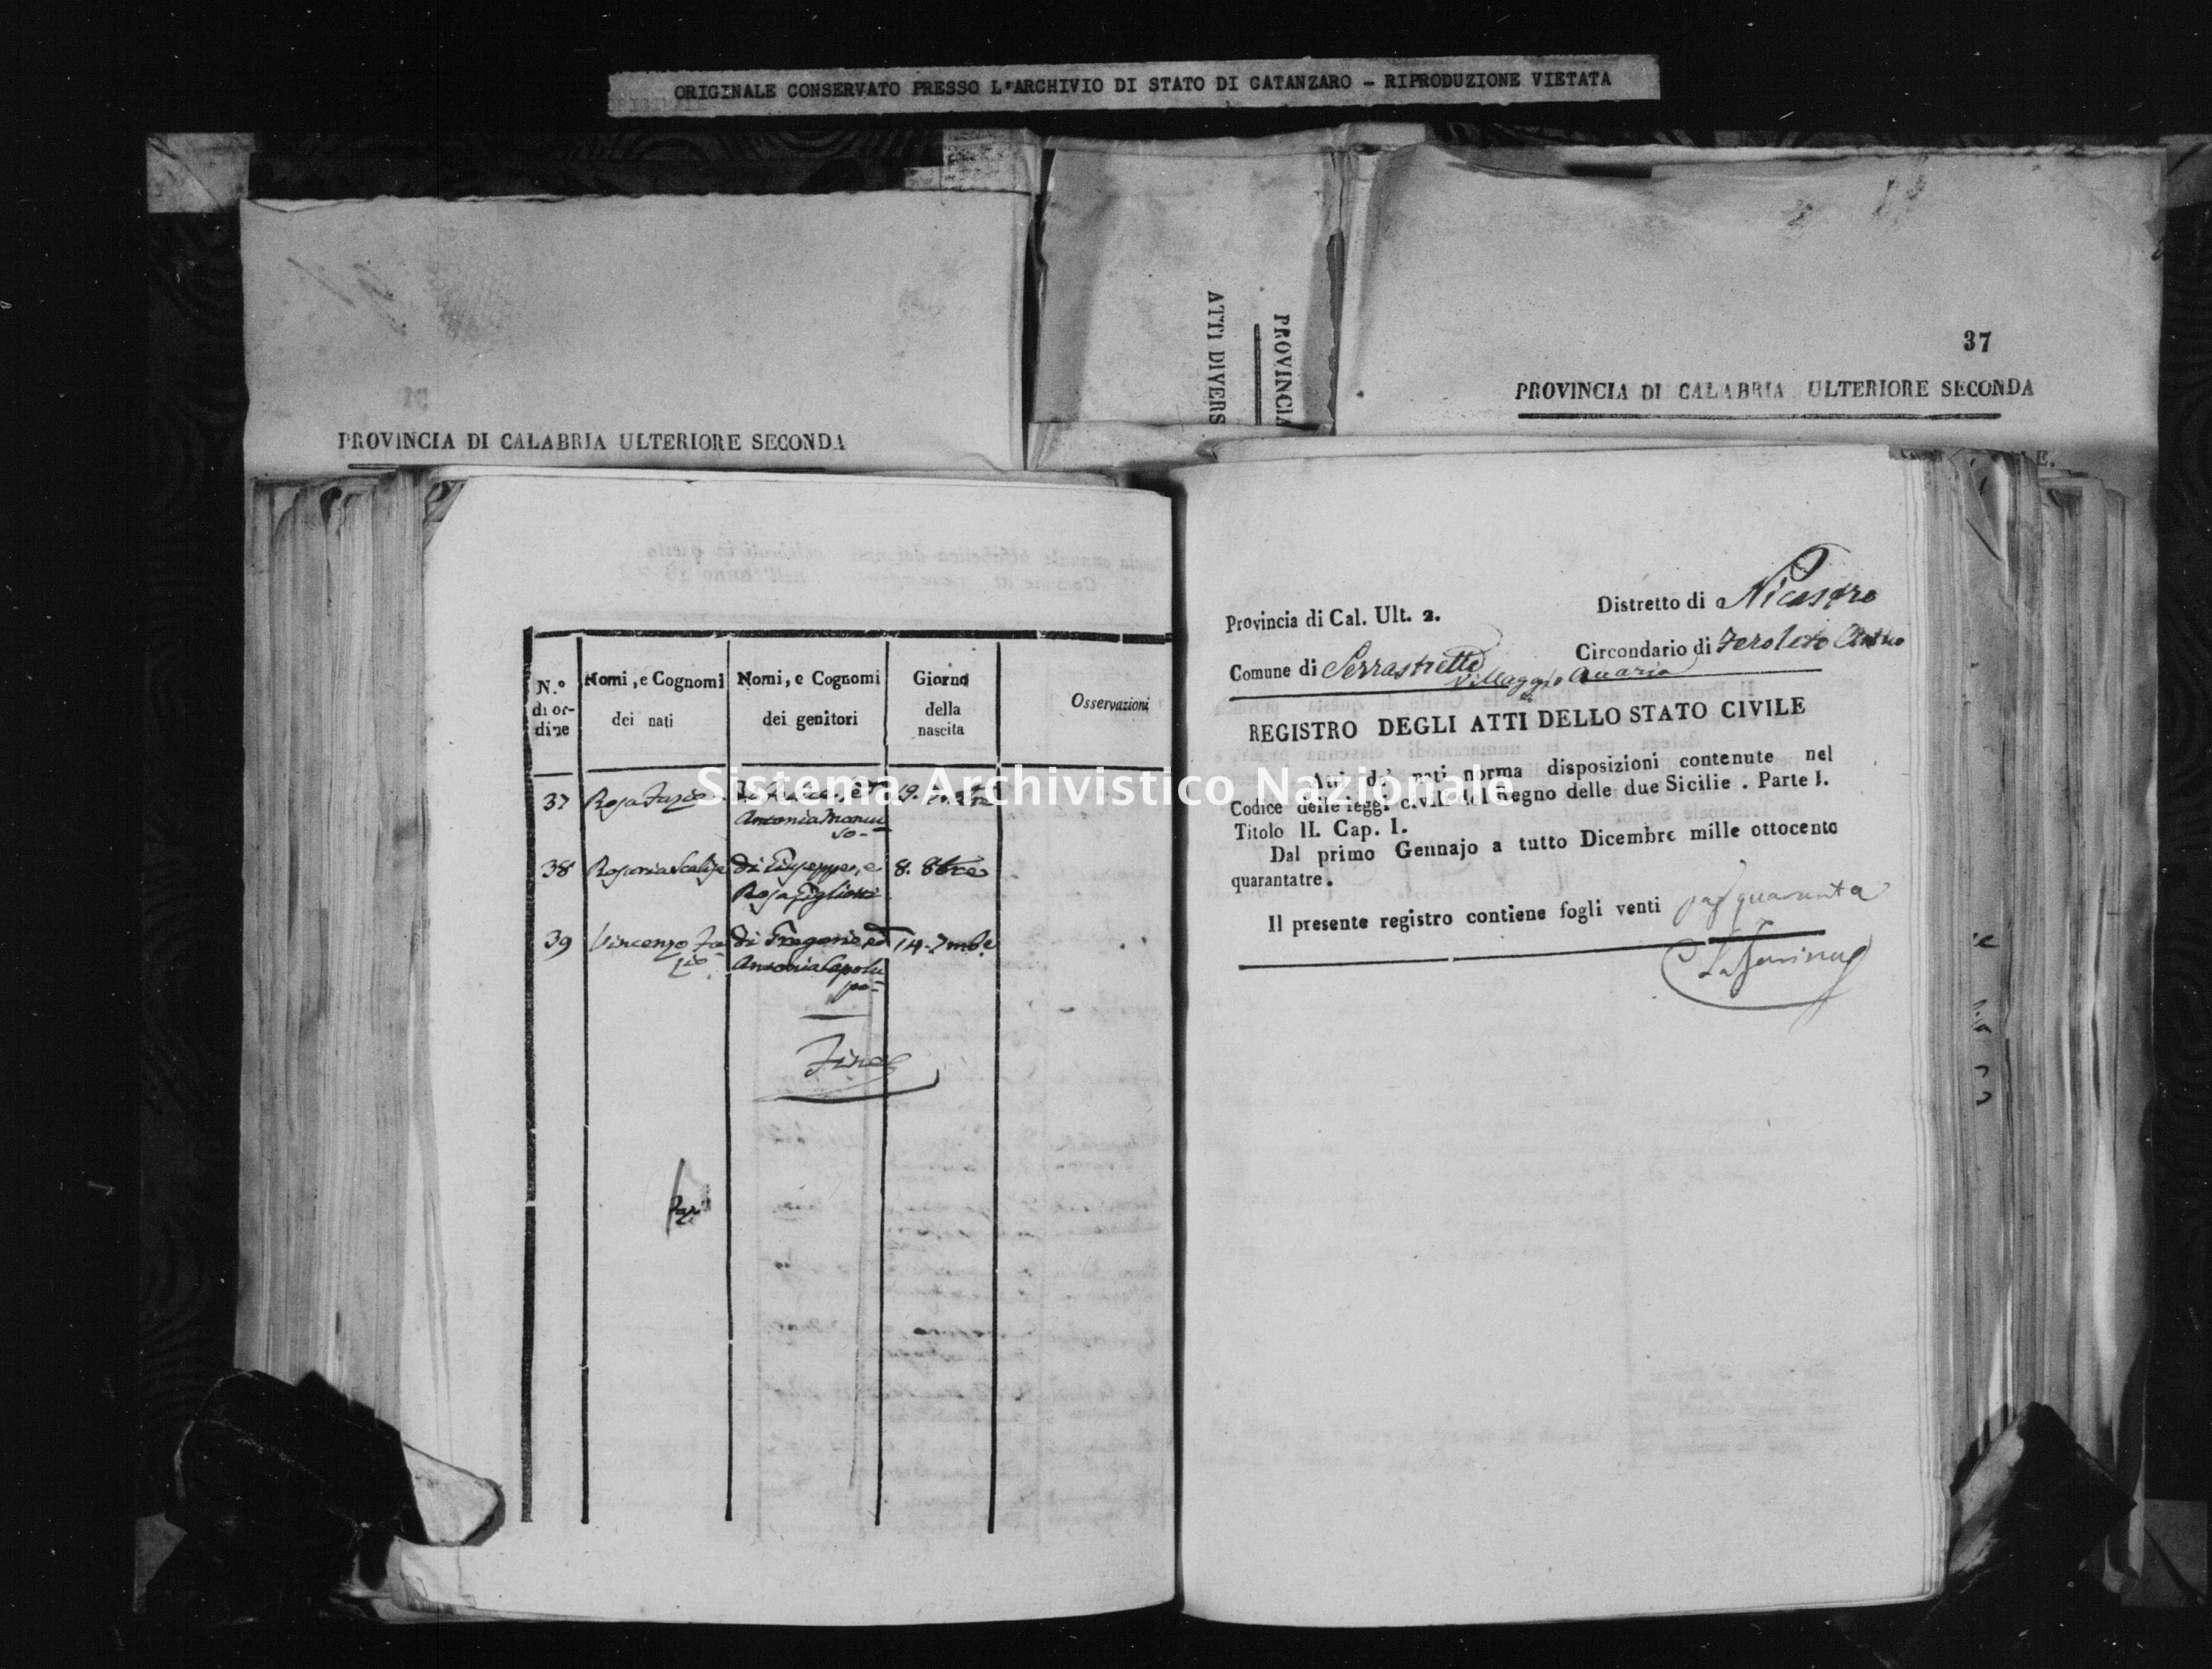 Archivio di stato di Catanzaro - Stato civile della restaurazione - Accaria - Nati - 1843 -